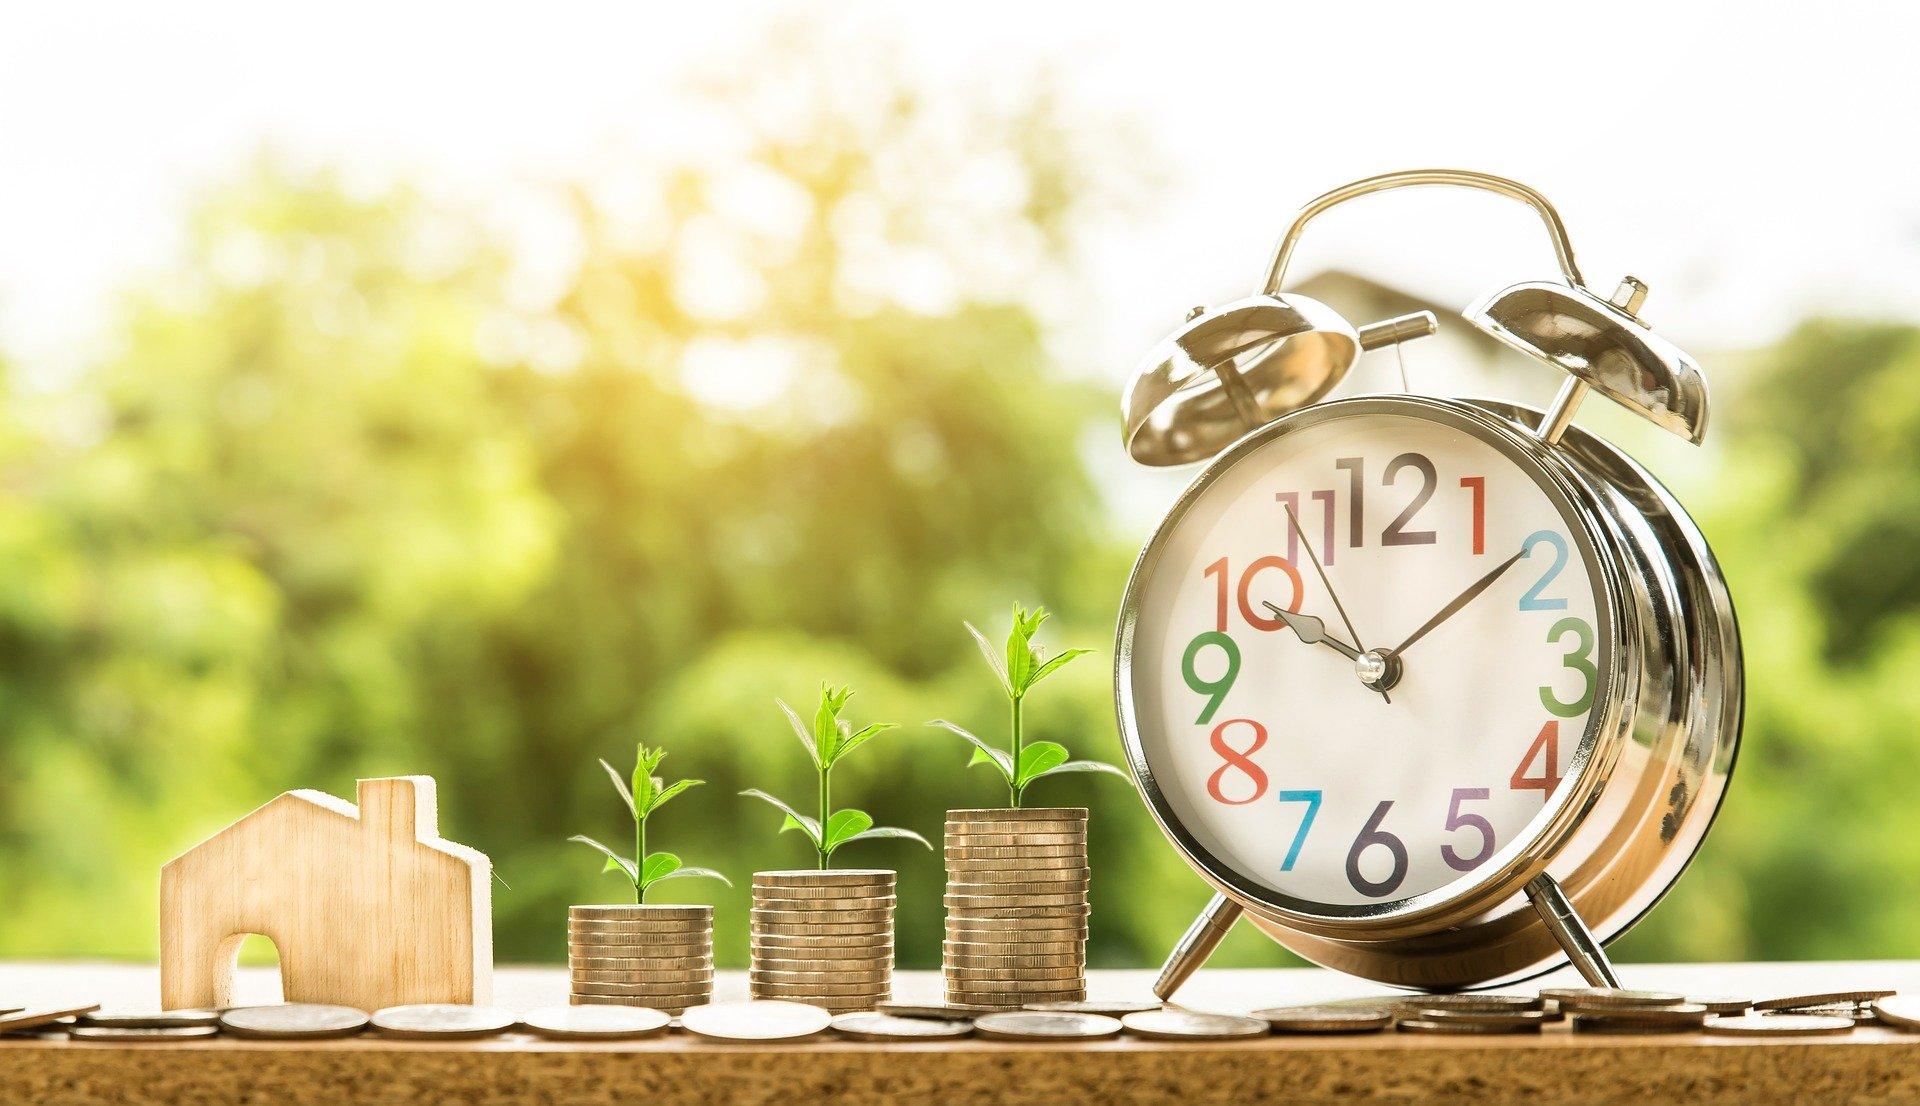 Investition in Immobilien: 5 Möglichkeiten für ein erfolgreiches Investment